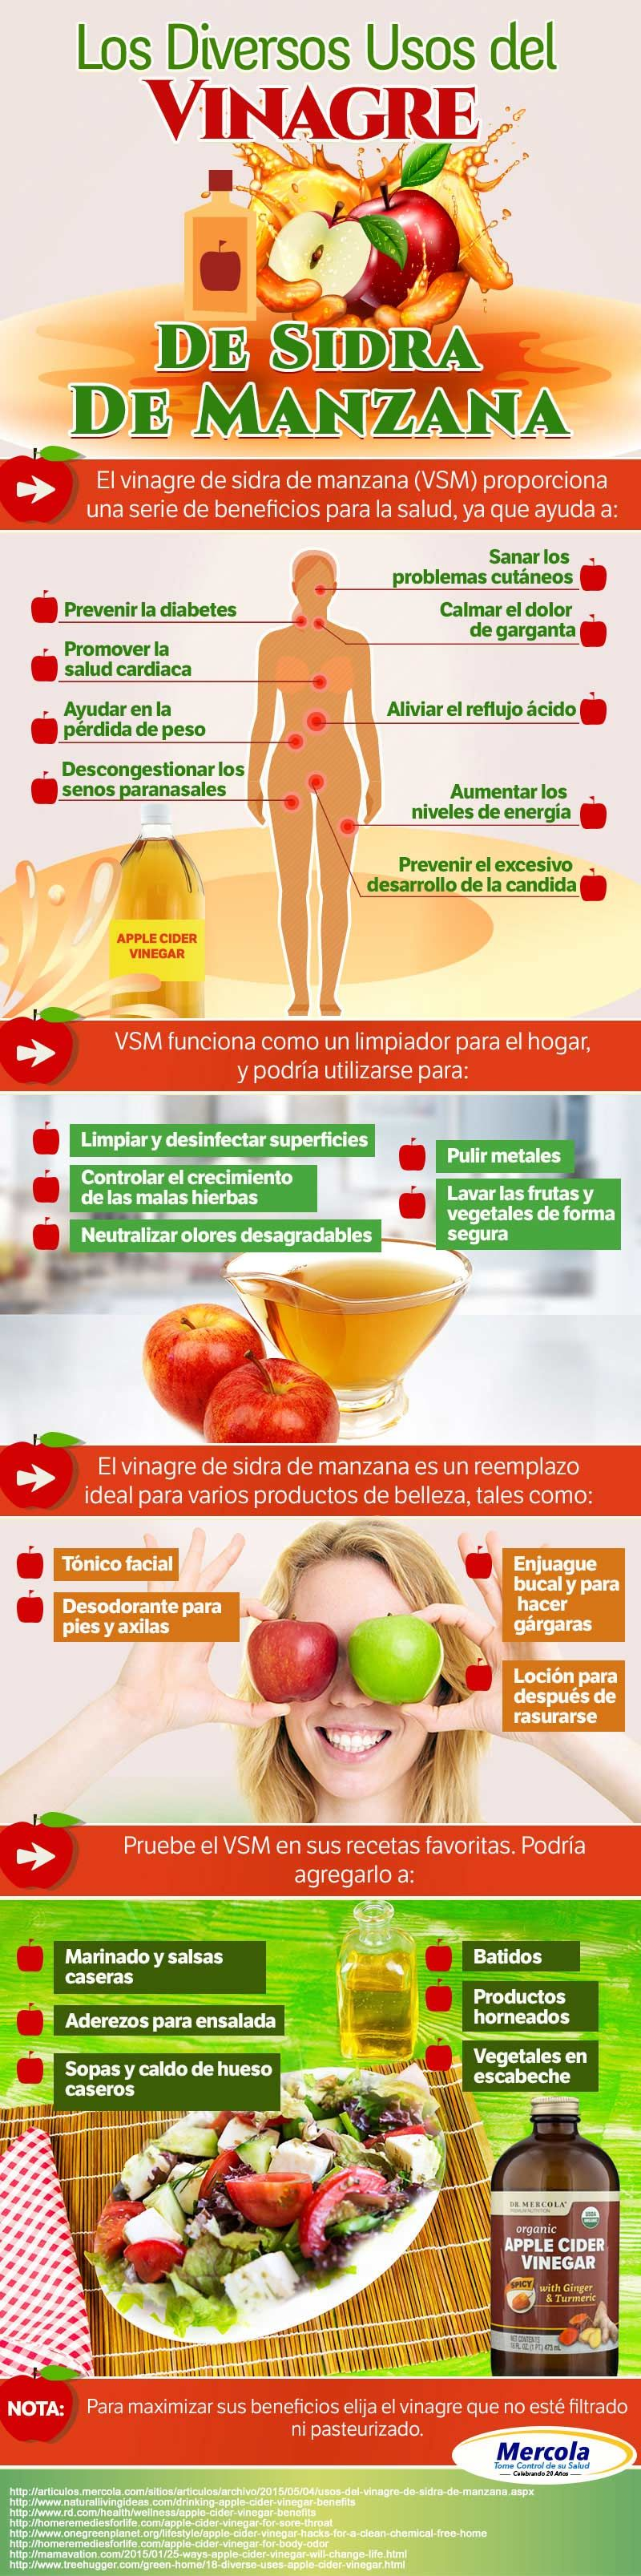 Propiedades de vinagre de manzana con sidra y alcachofa